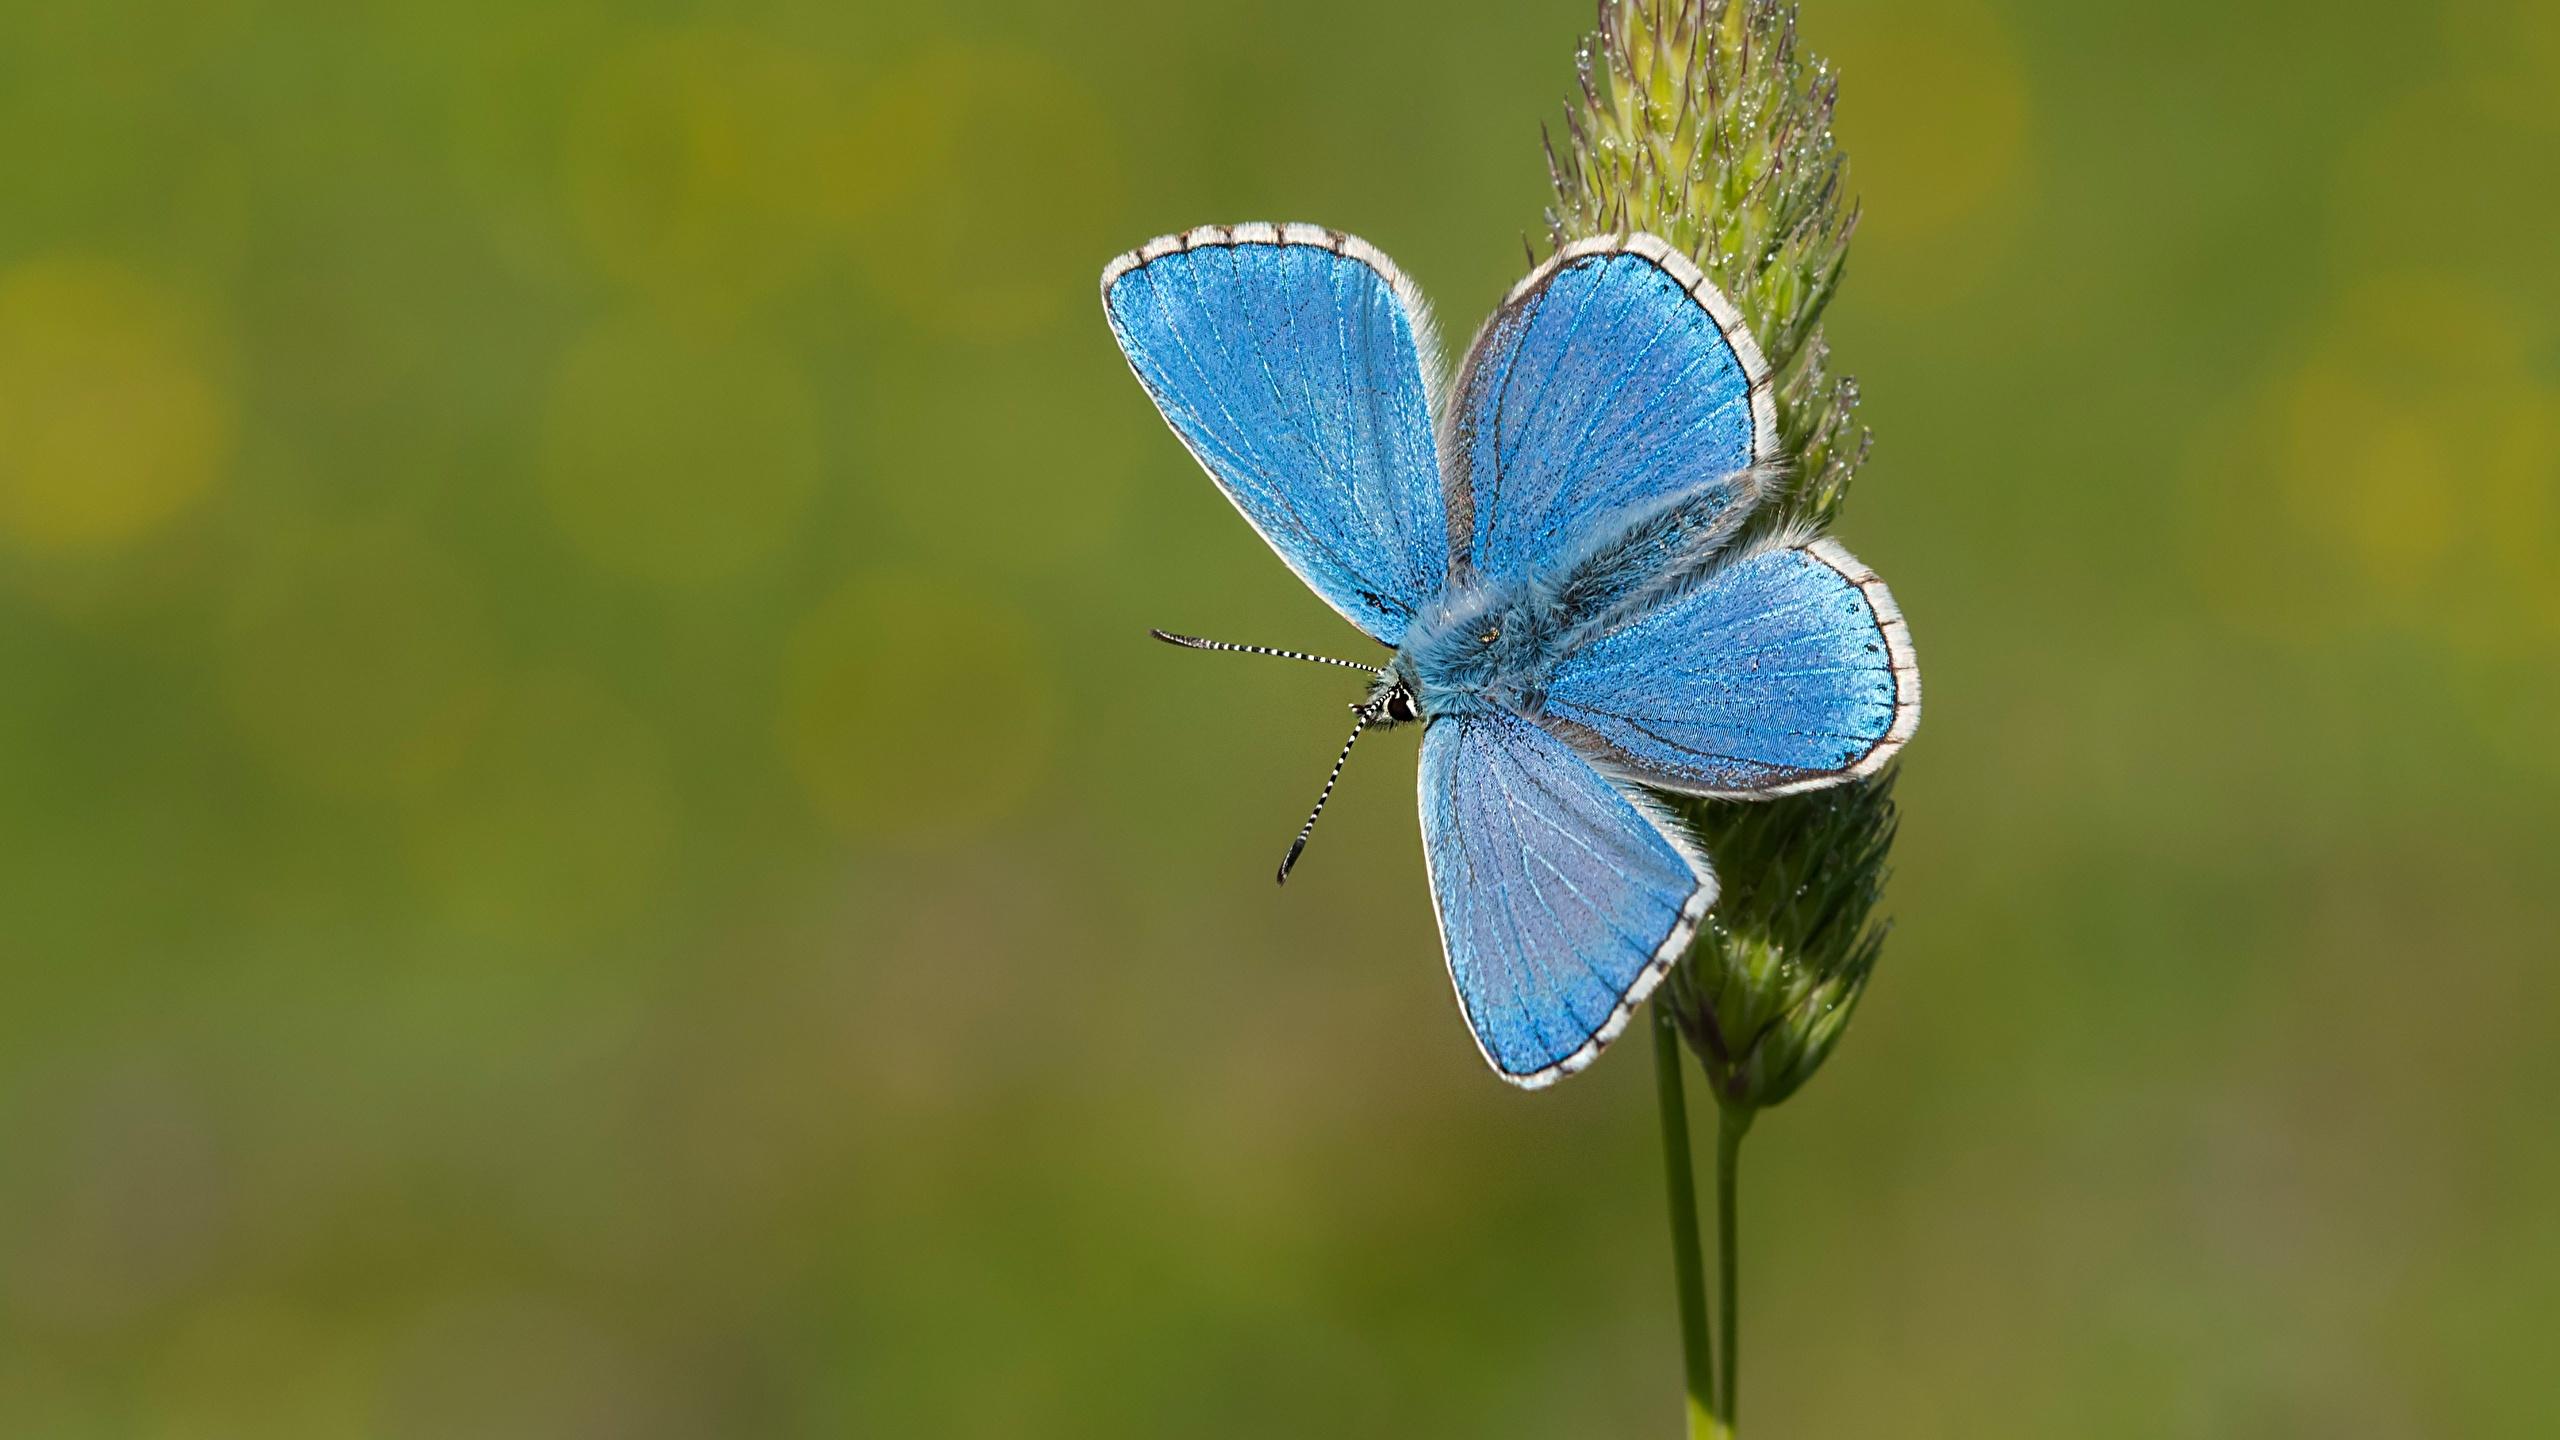 Bilder Schmetterlinge Adonis blue Hellblau Tiere Nahaufnahme 2560x1440 Schmetterling hautnah ein Tier Großansicht